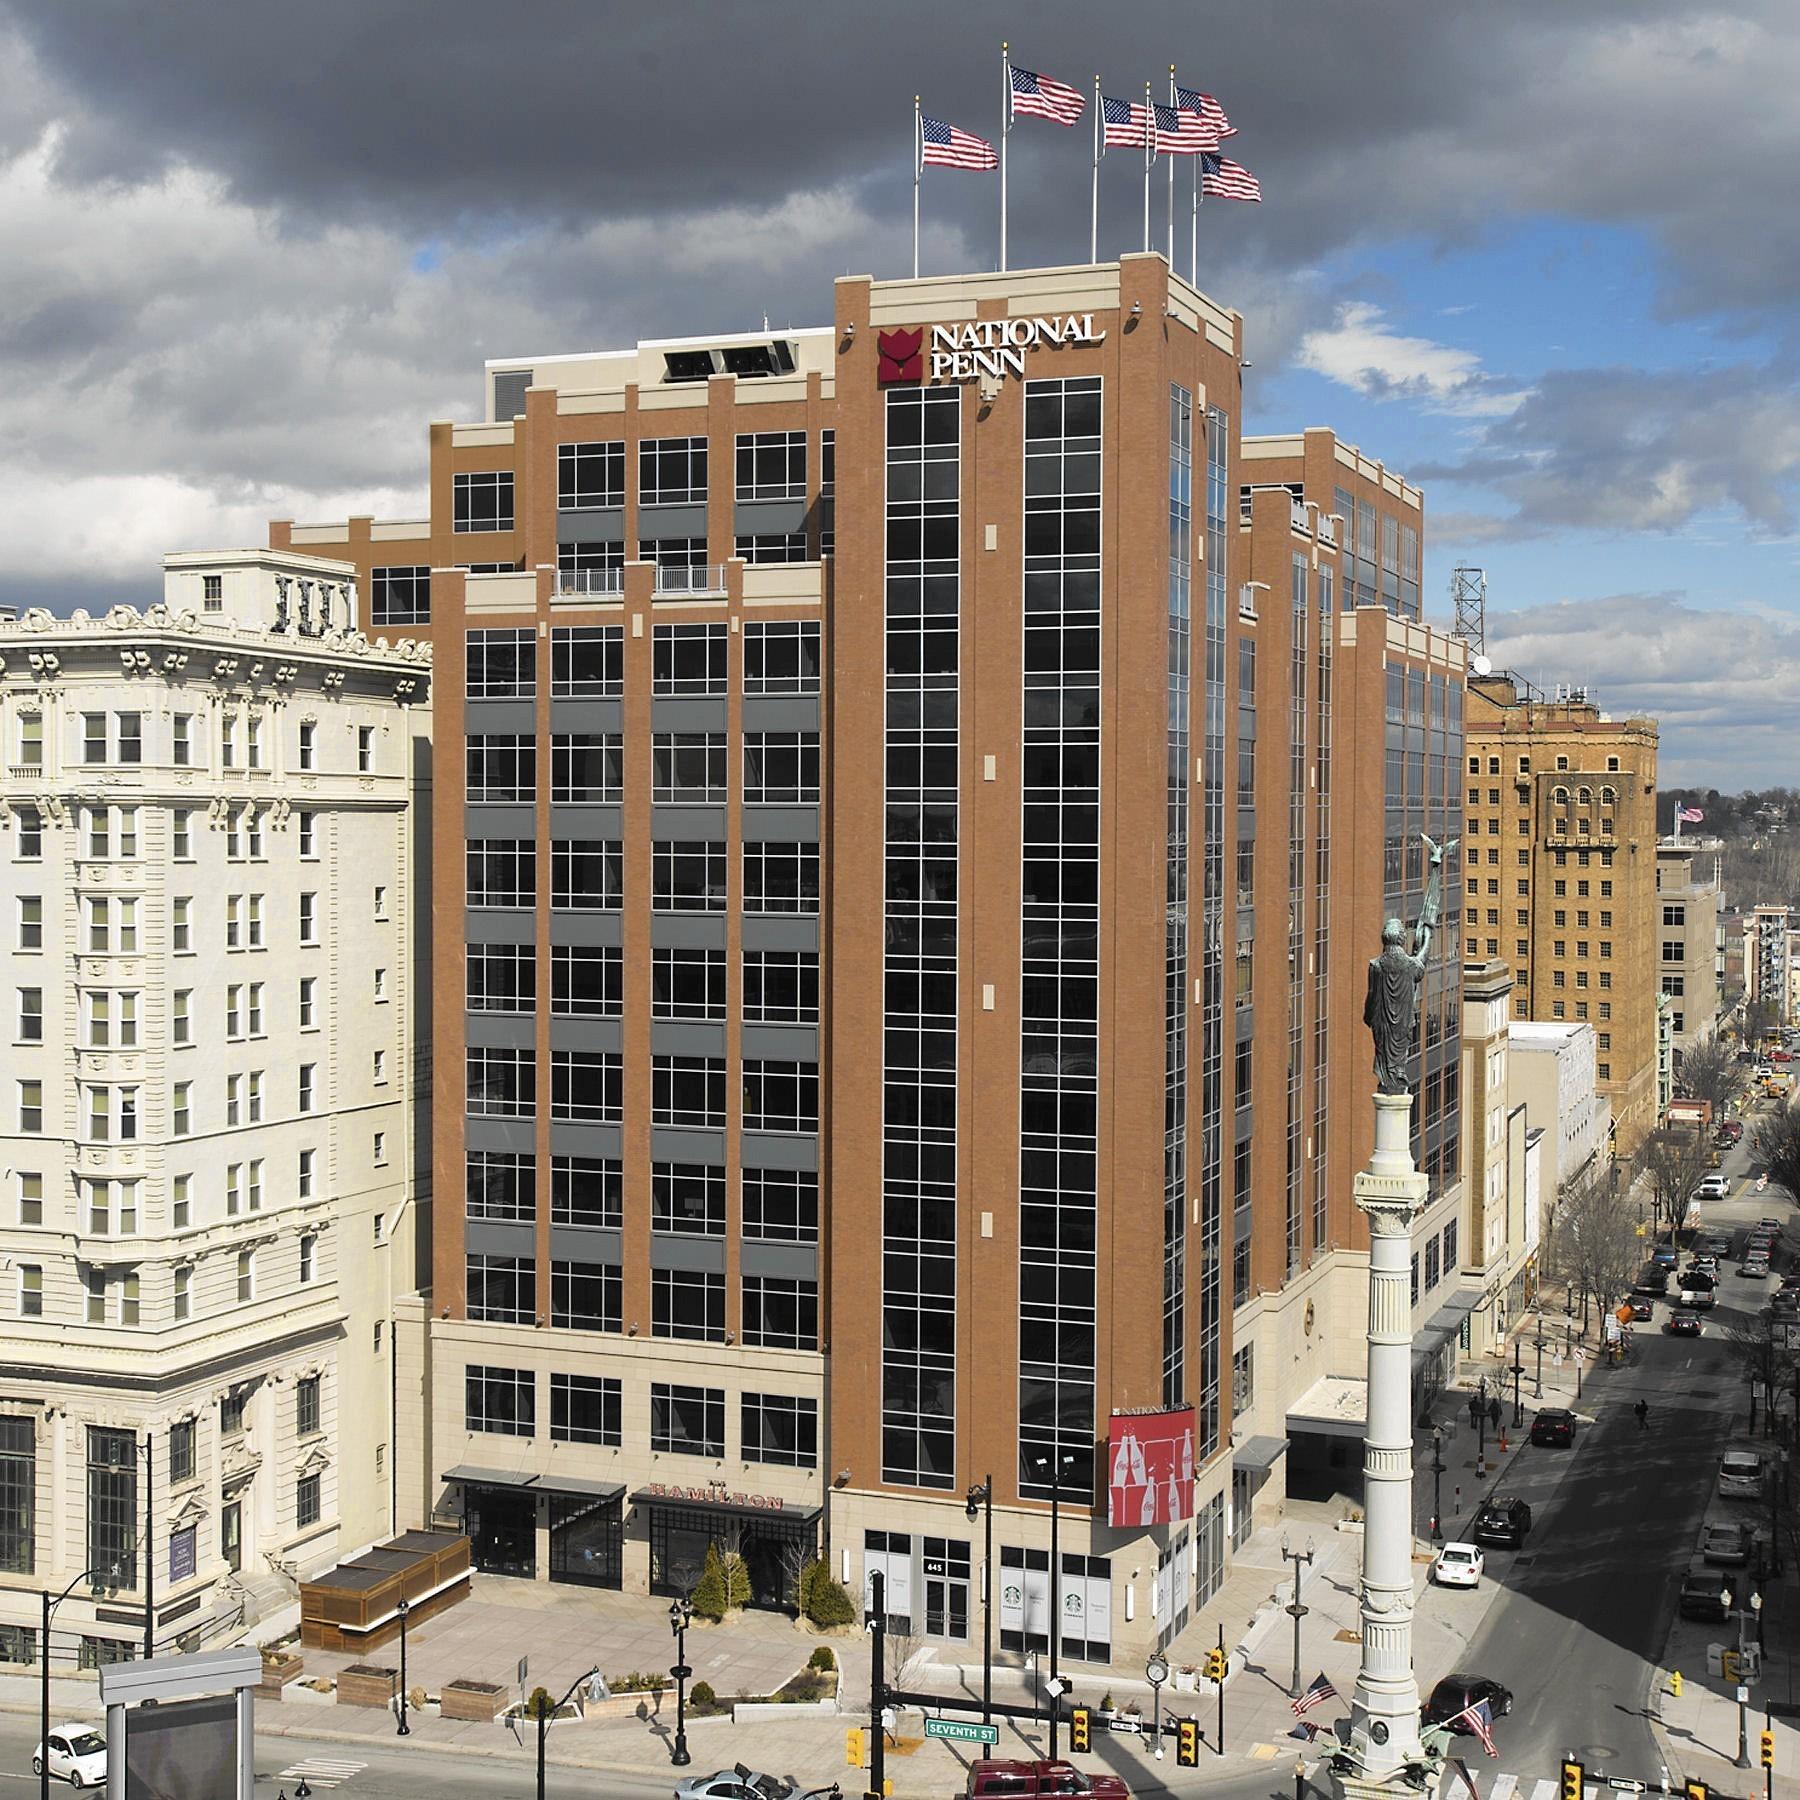 City Center: Allentown NIZ Developers Get $29 Million